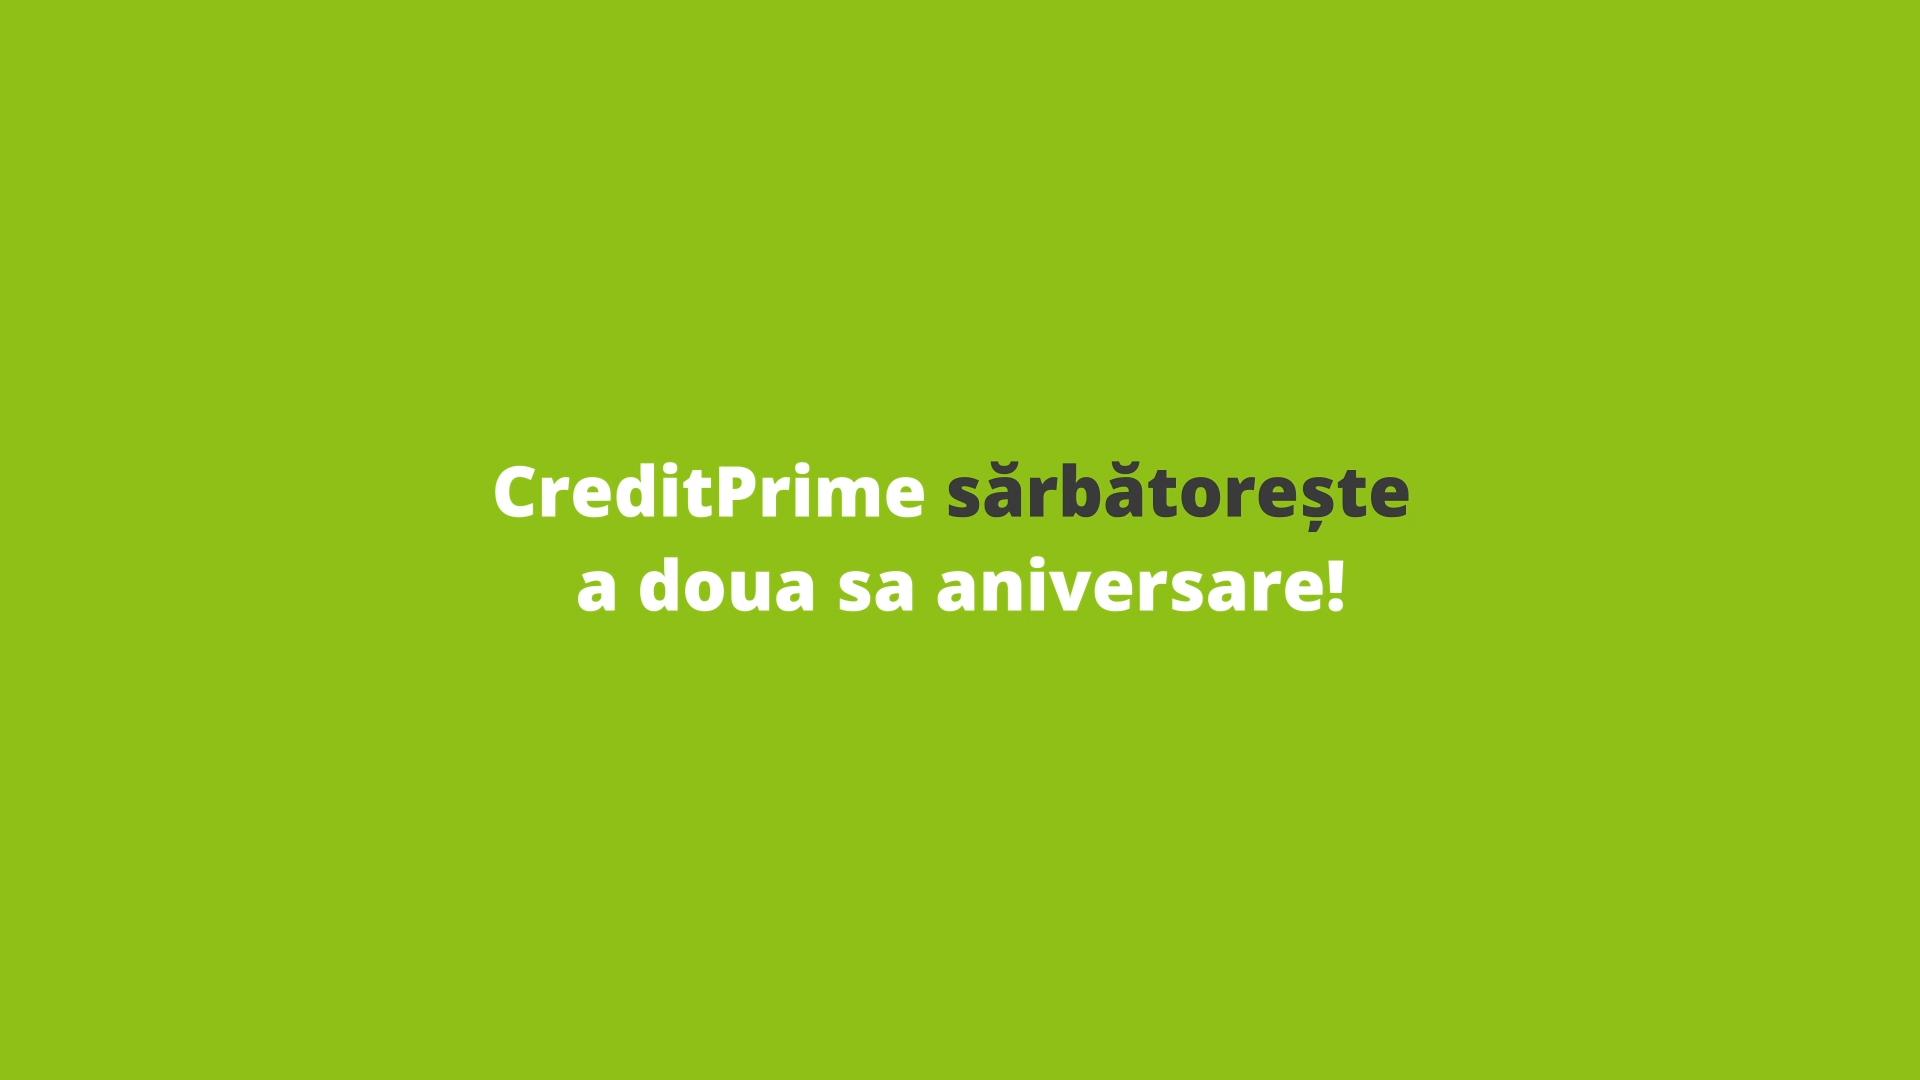 Compania CreditPrime celebrează 2 ani de activitate!